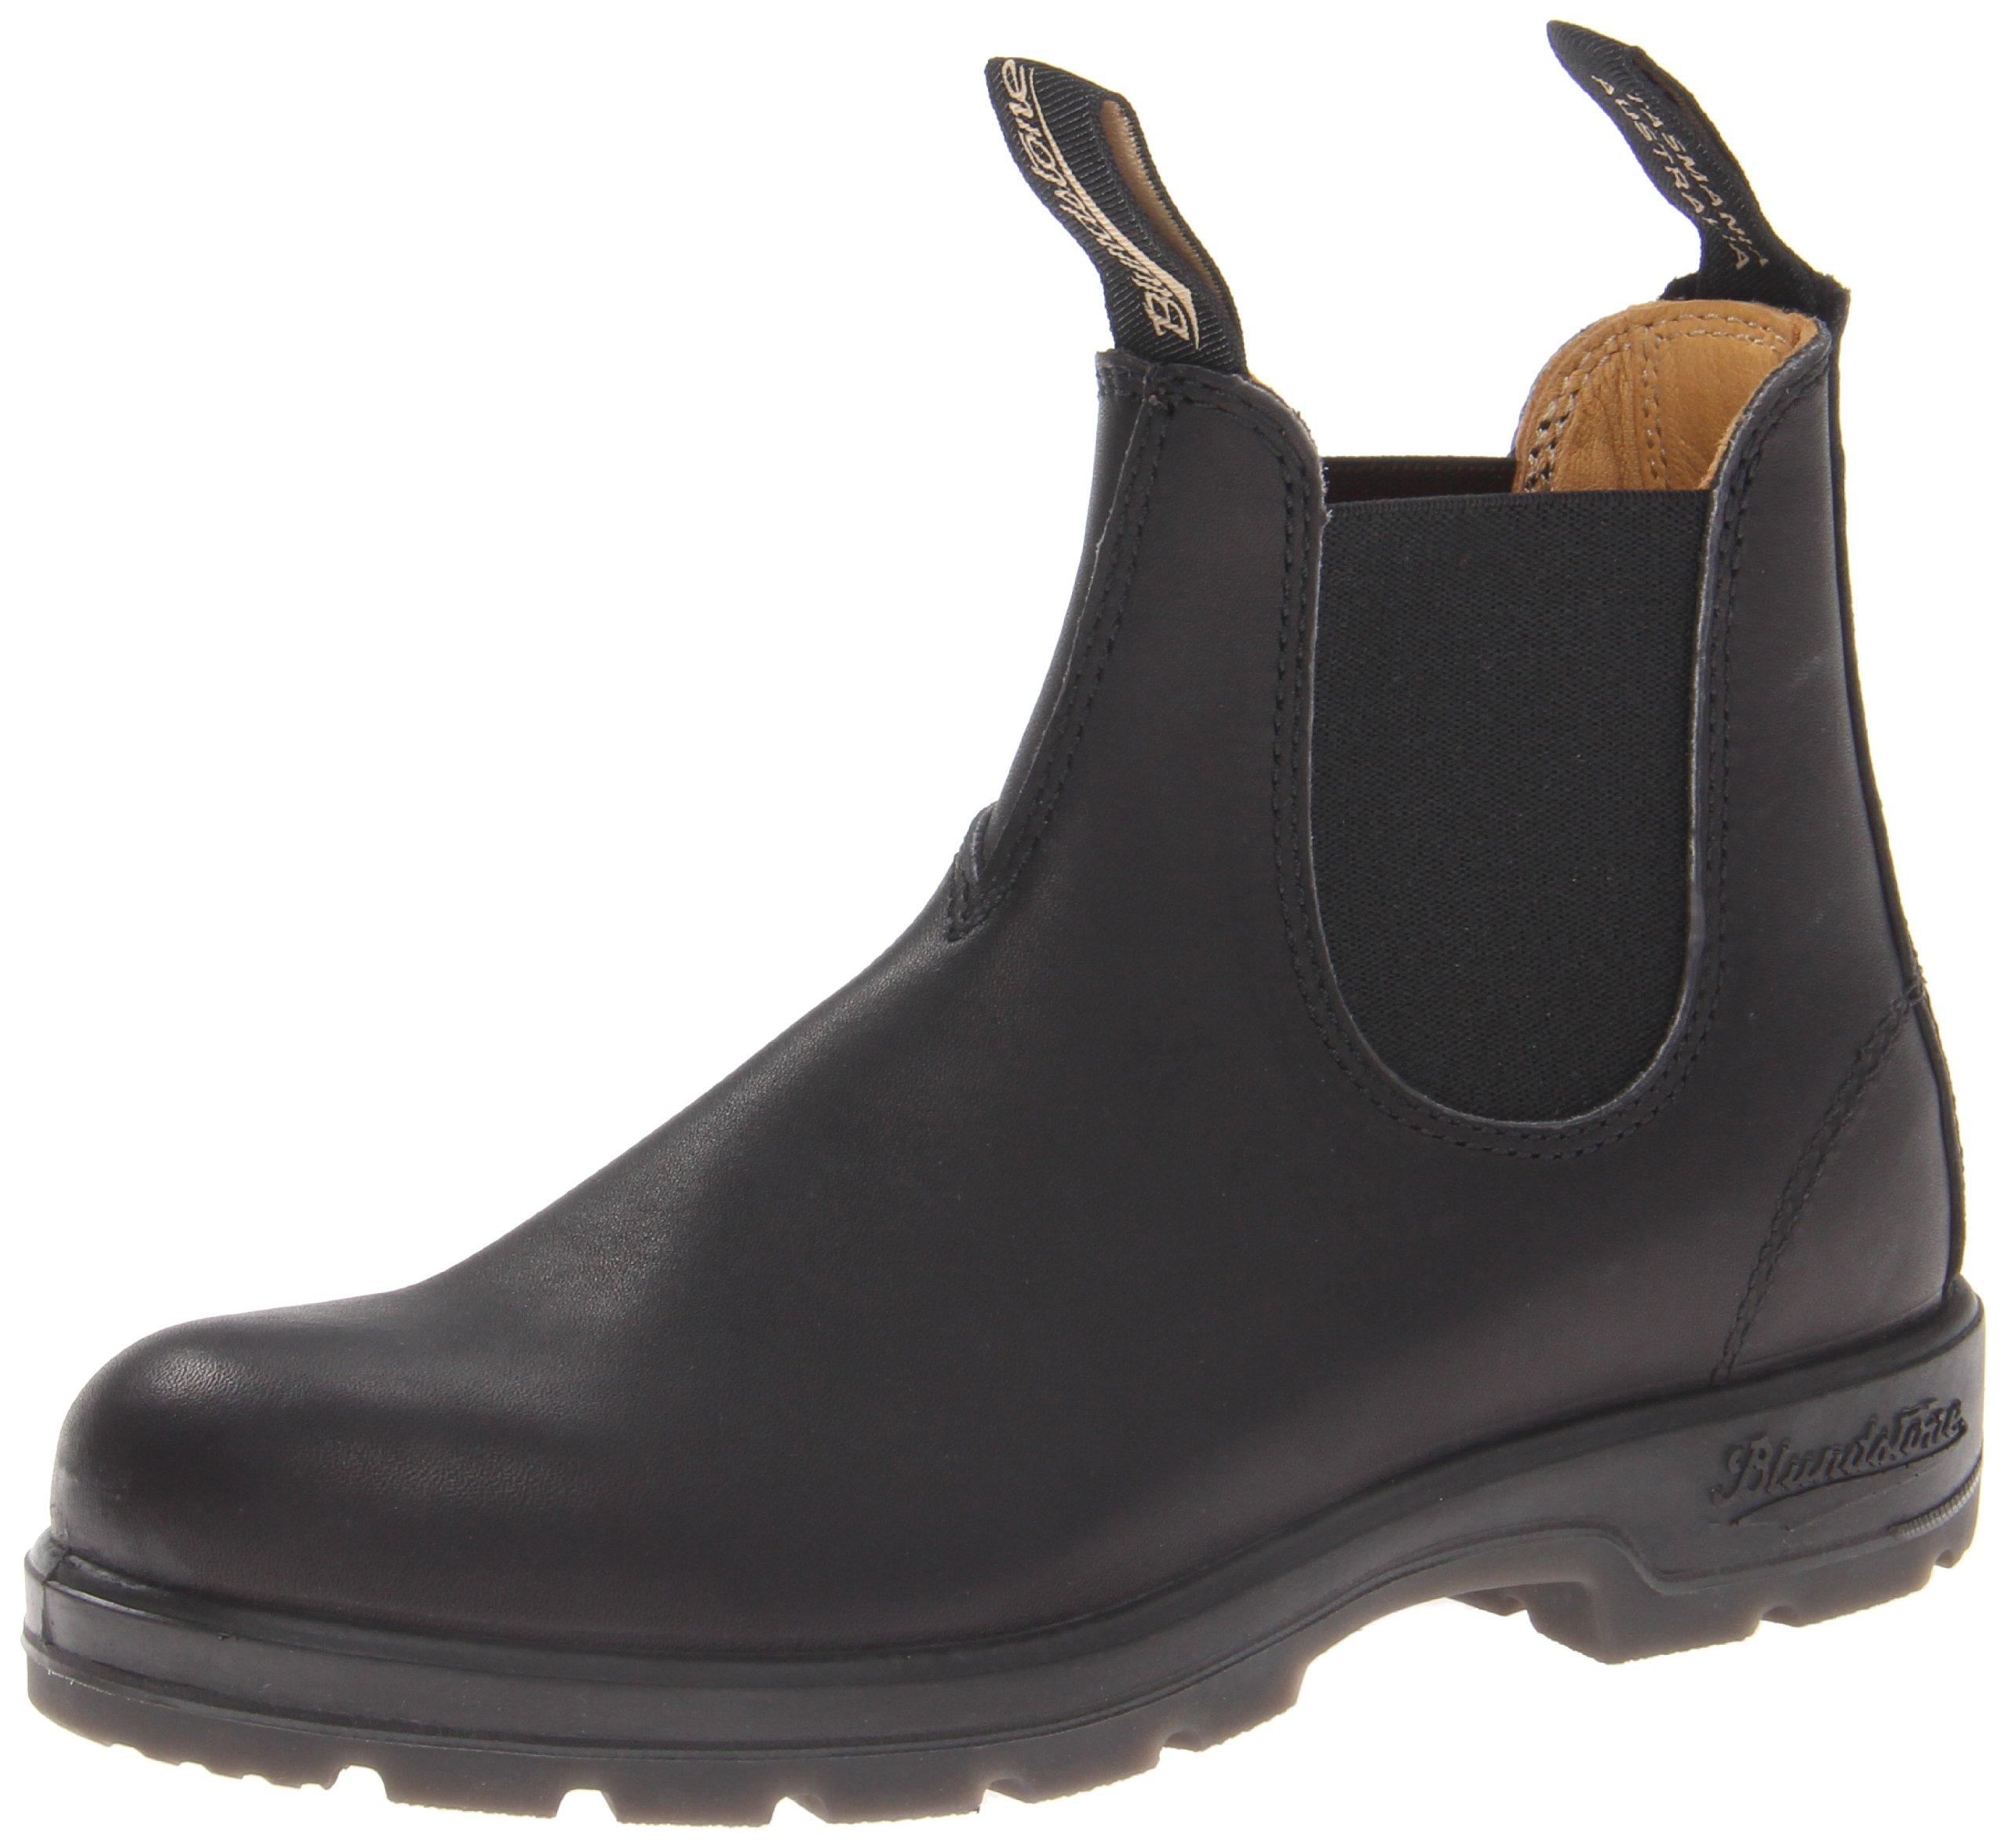 Blundstone Women's Blundstone 558 Black Boot,Black,3.5 AU (US Women's 6 M)